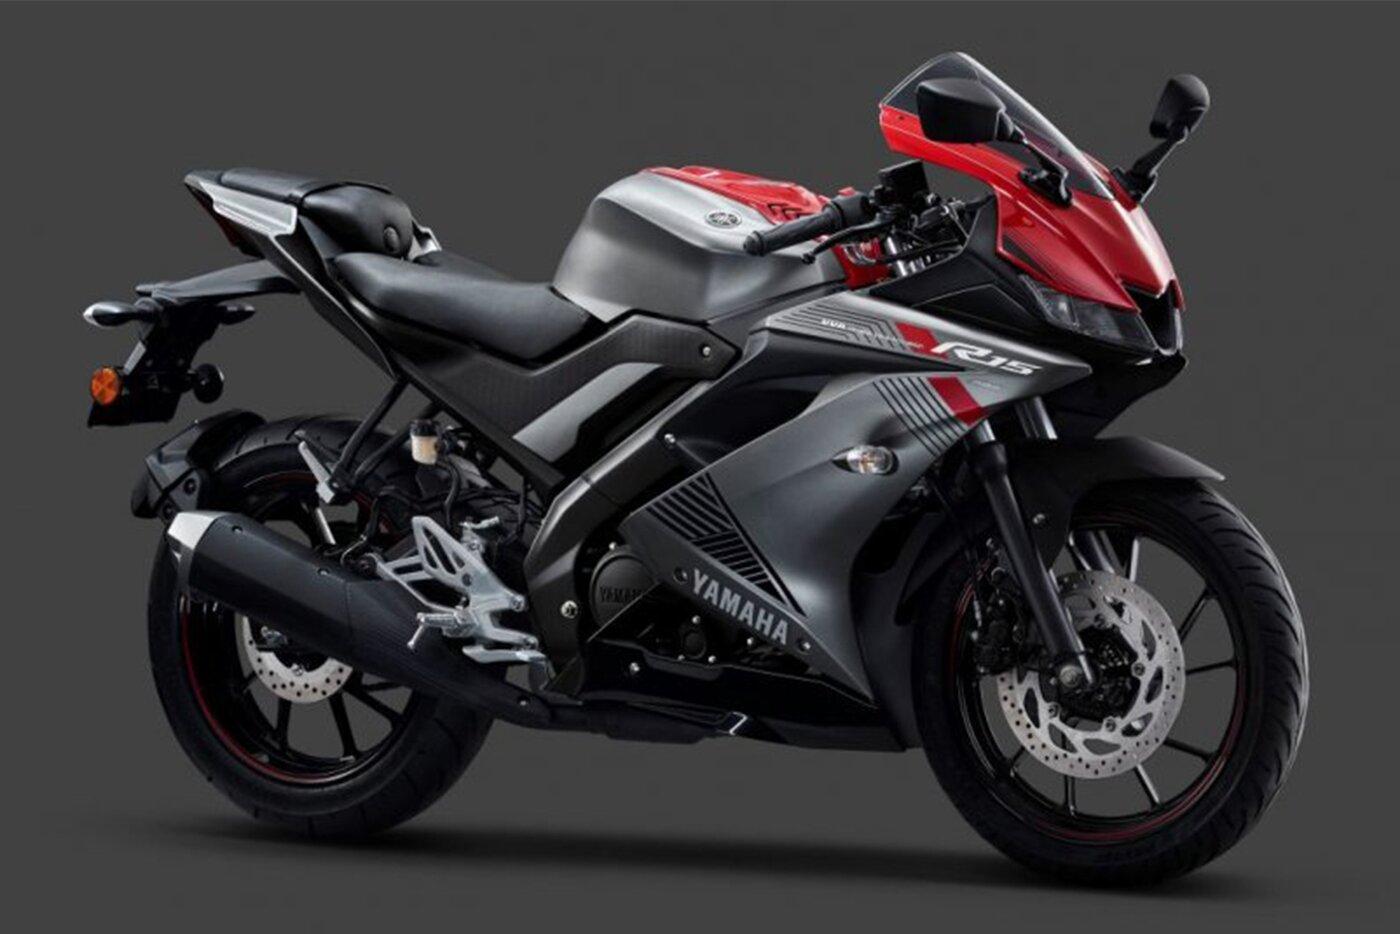 Yamaha R15 V3.0 có thiết kế đậm chất thể thao